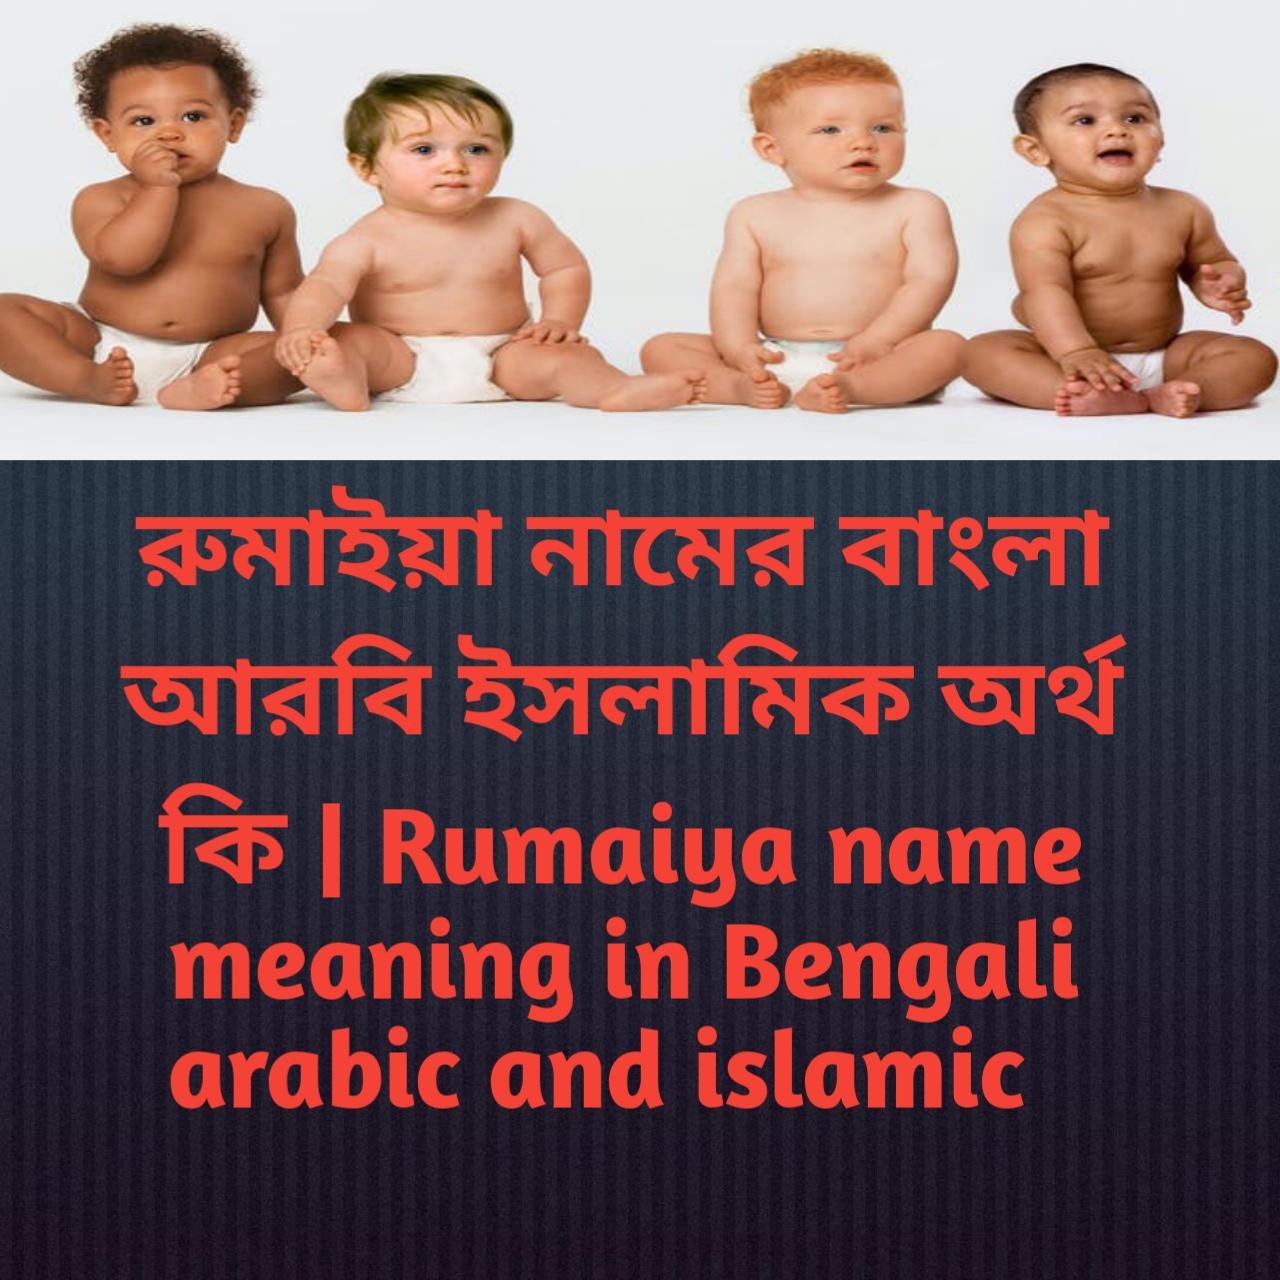 রুমাইয়া নামের অর্থ কি, রুমাইয়া নামের বাংলা অর্থ কি, রুমাইয়া নামের ইসলামিক অর্থ কি, Rumaiya name meaning in Bengali, রুমাইয়া কি ইসলামিক নাম,